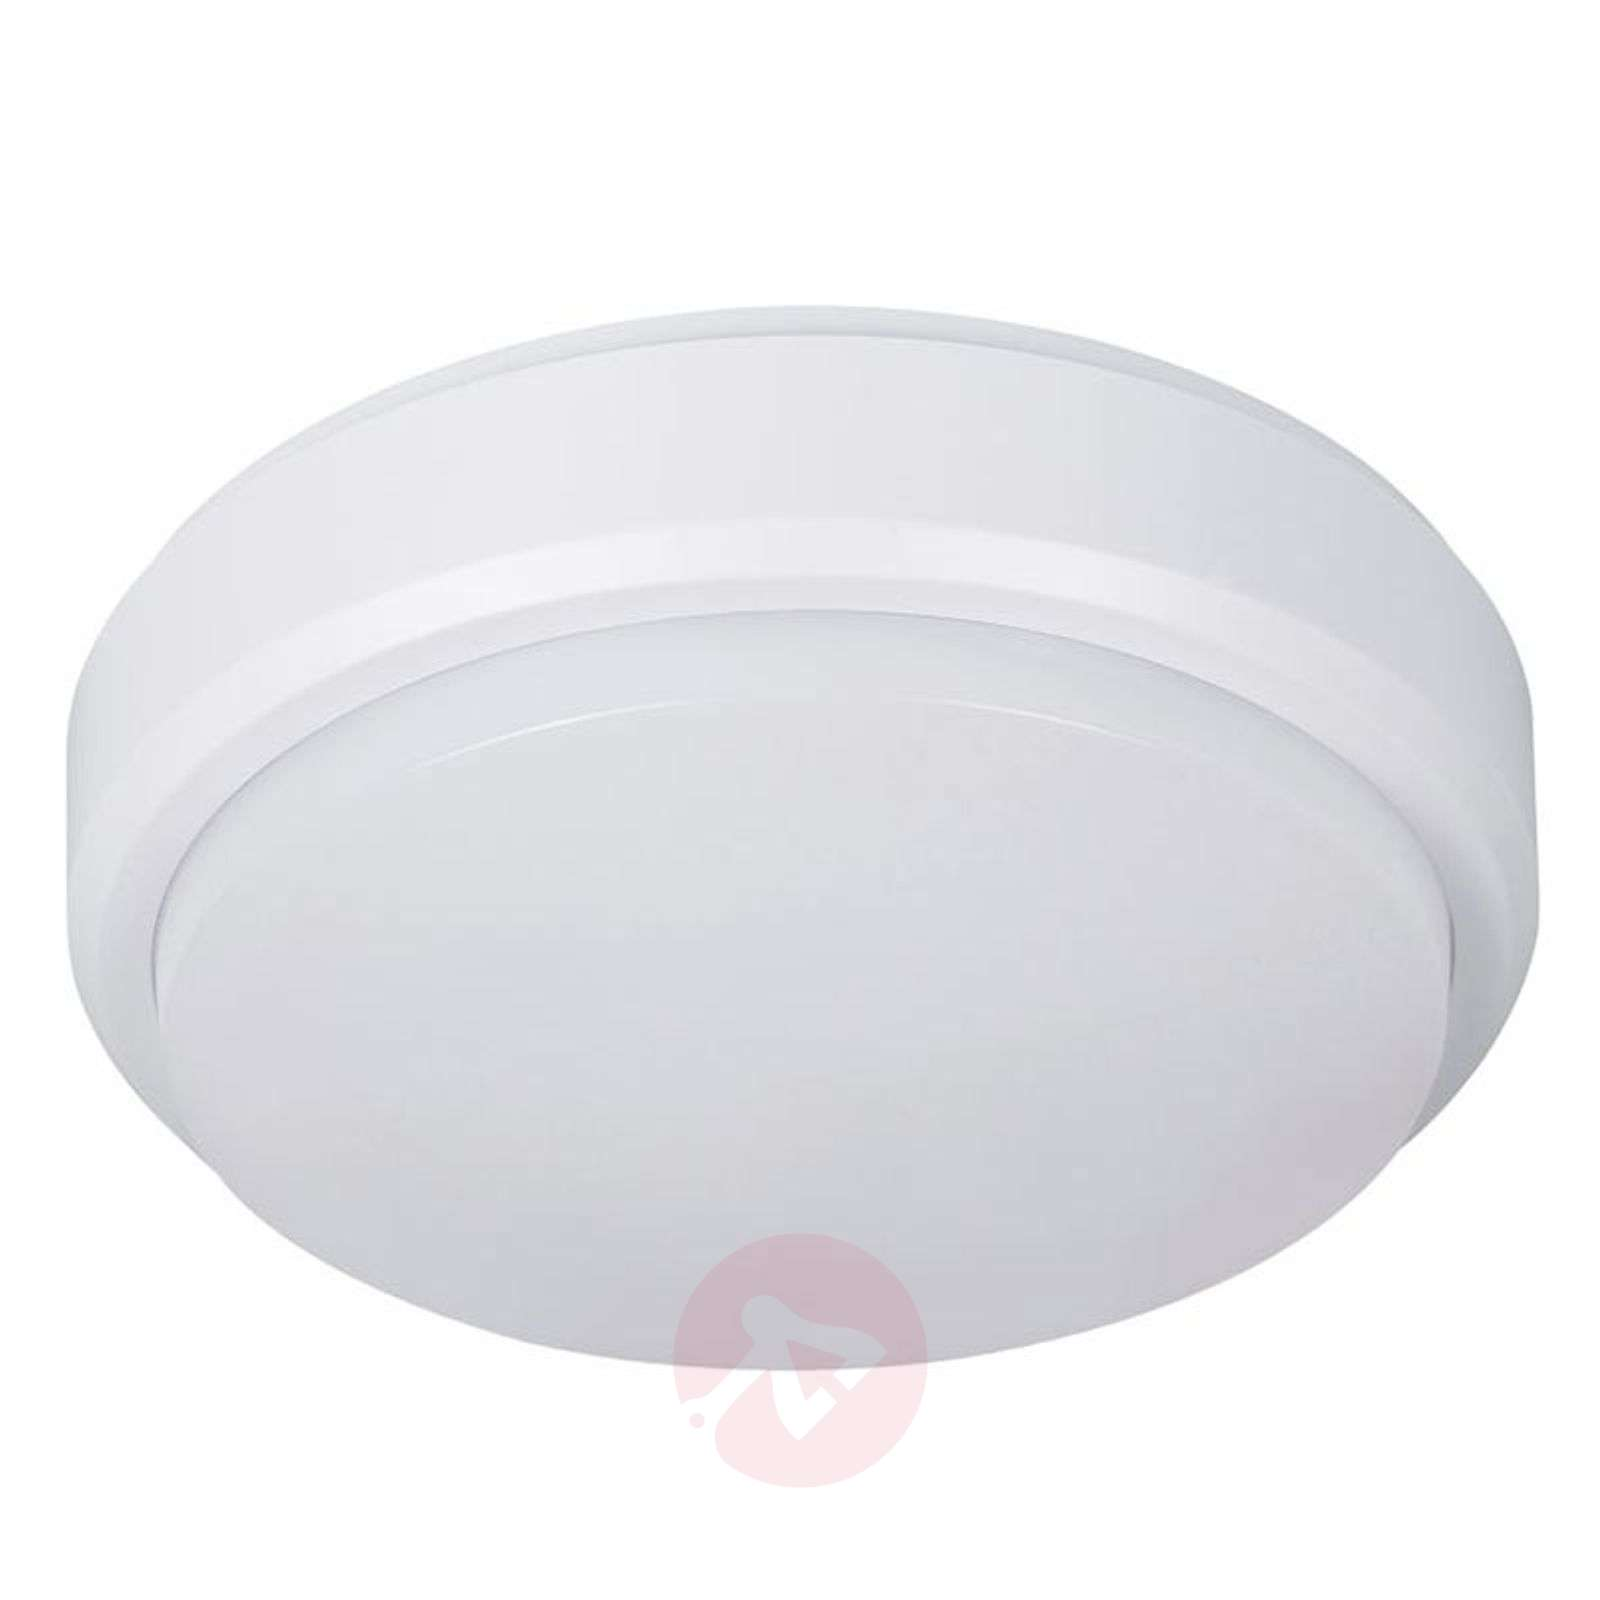 Pyöreä LED-kattolamppu Bulkhead IP54-8559271-01